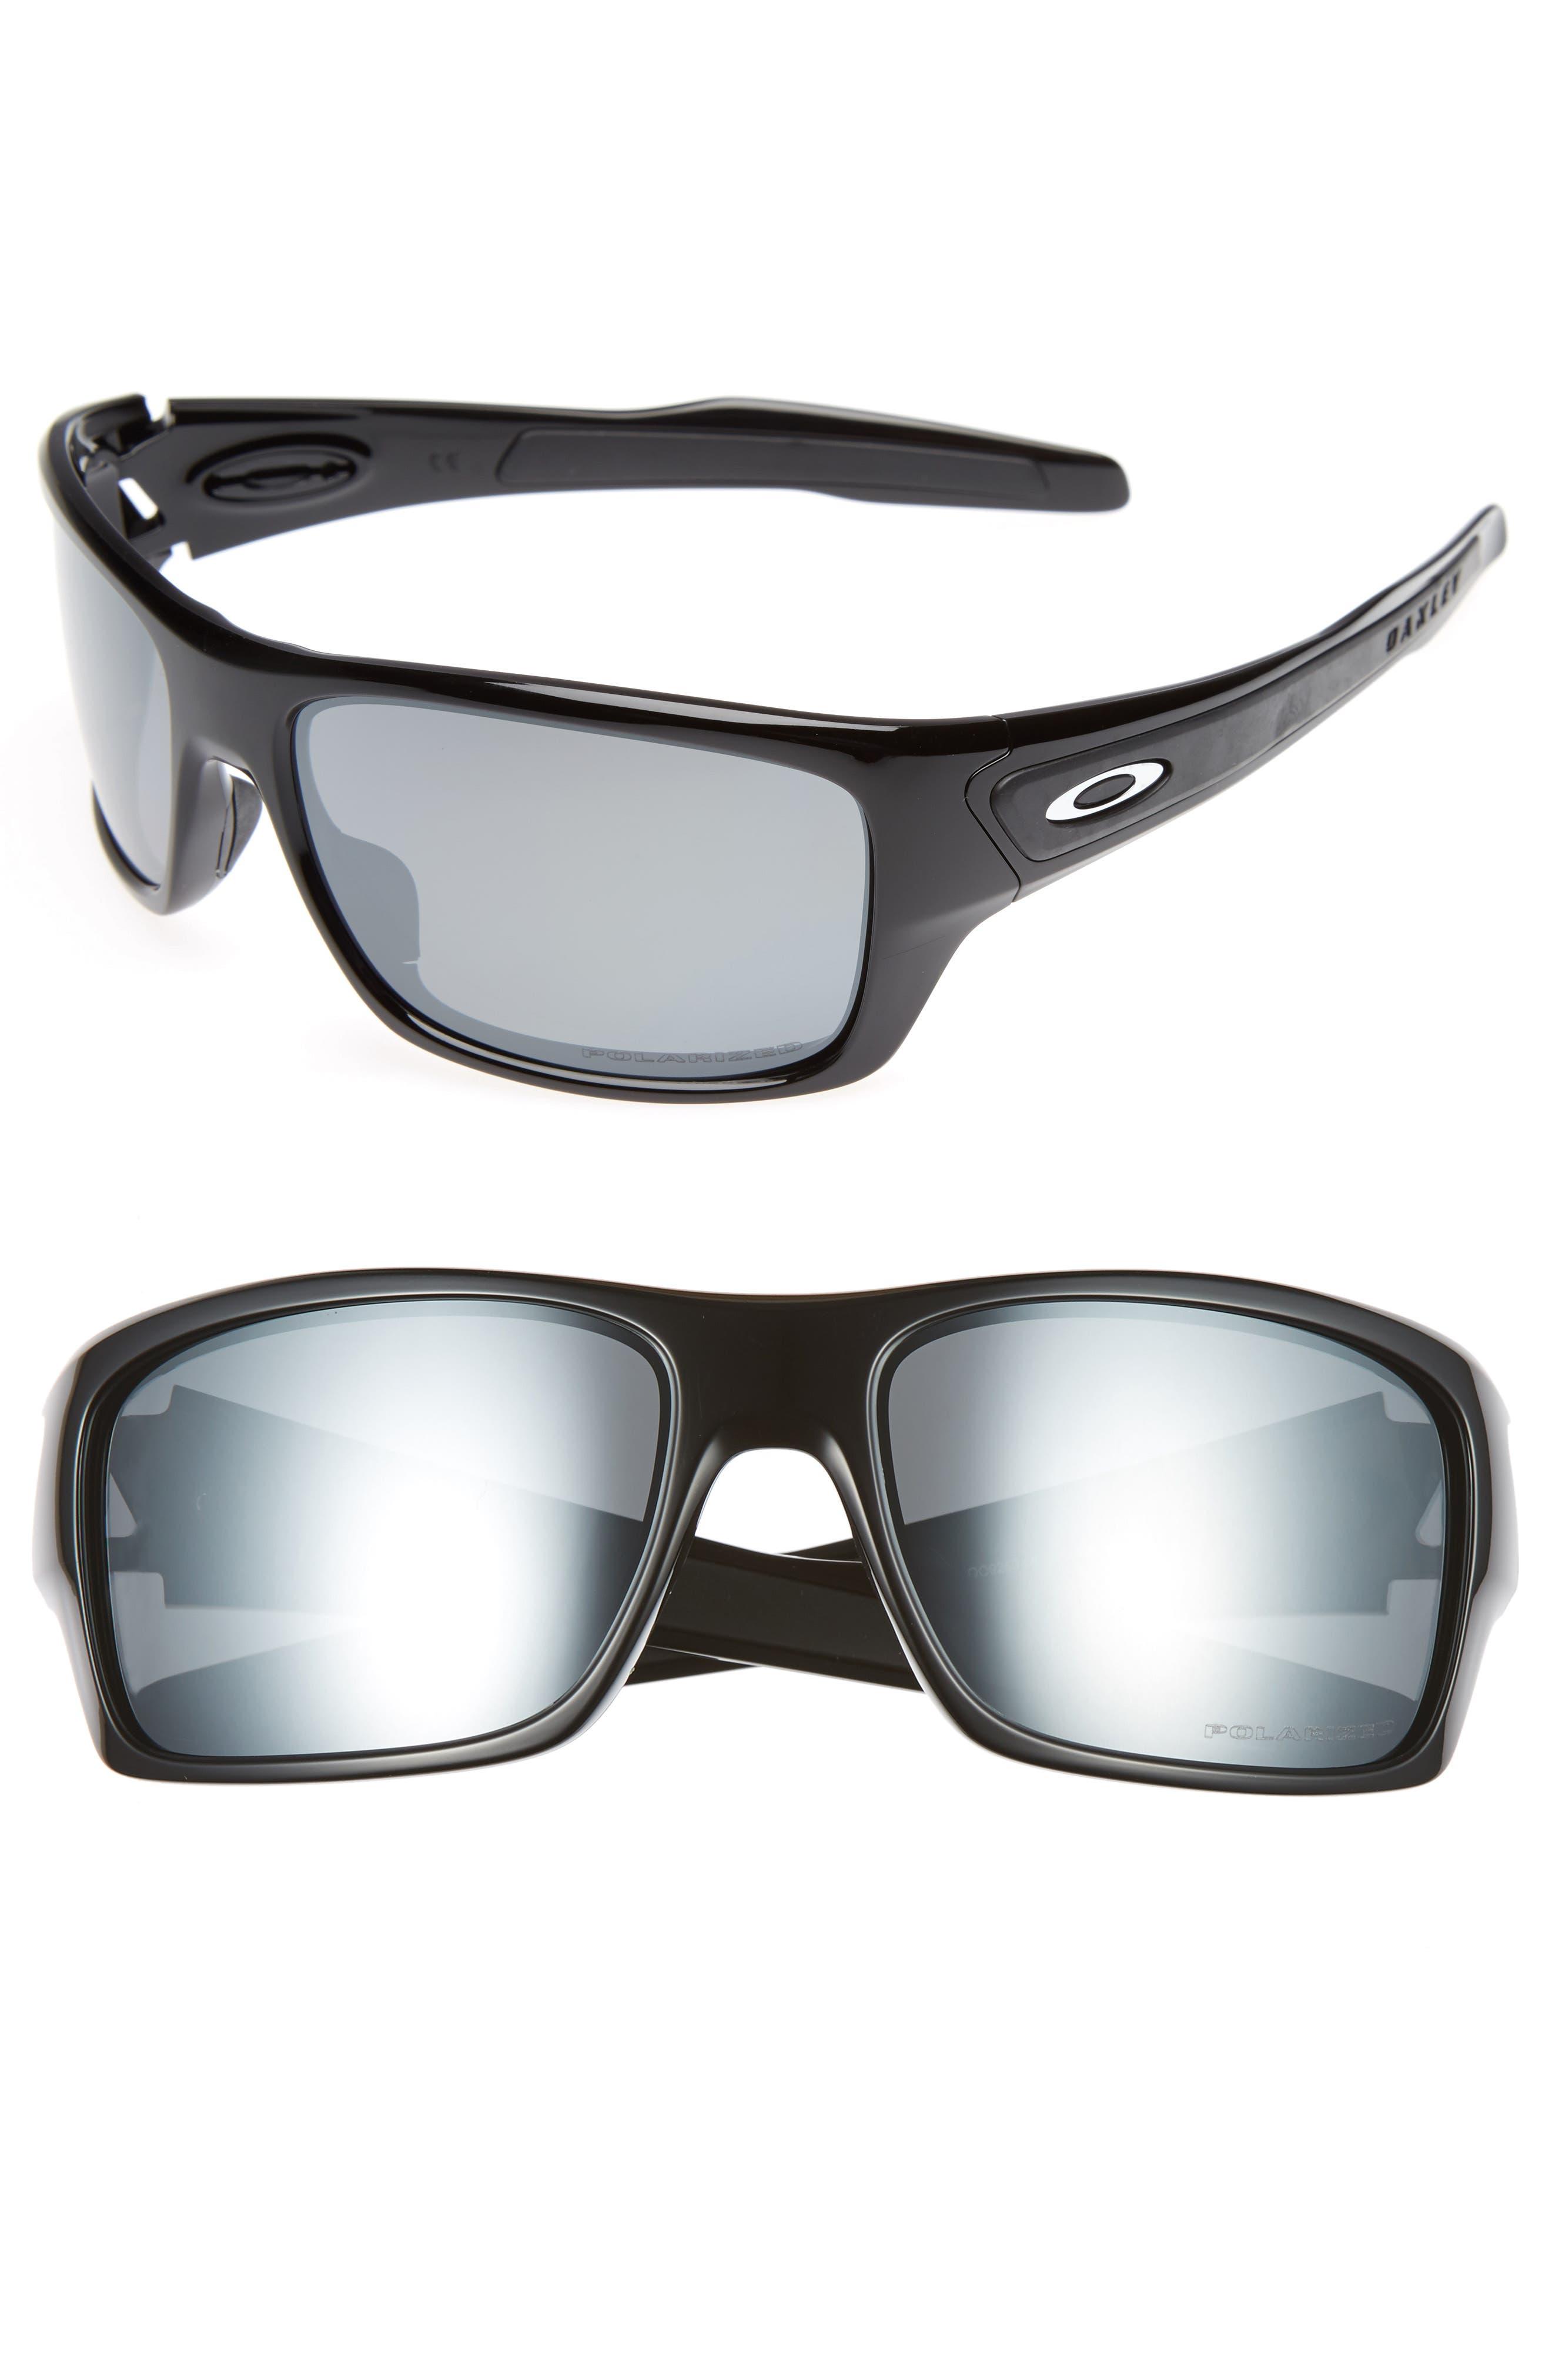 Turbine 65mm Polarized Sunglasses,                             Alternate thumbnail 2, color,                             BLACK